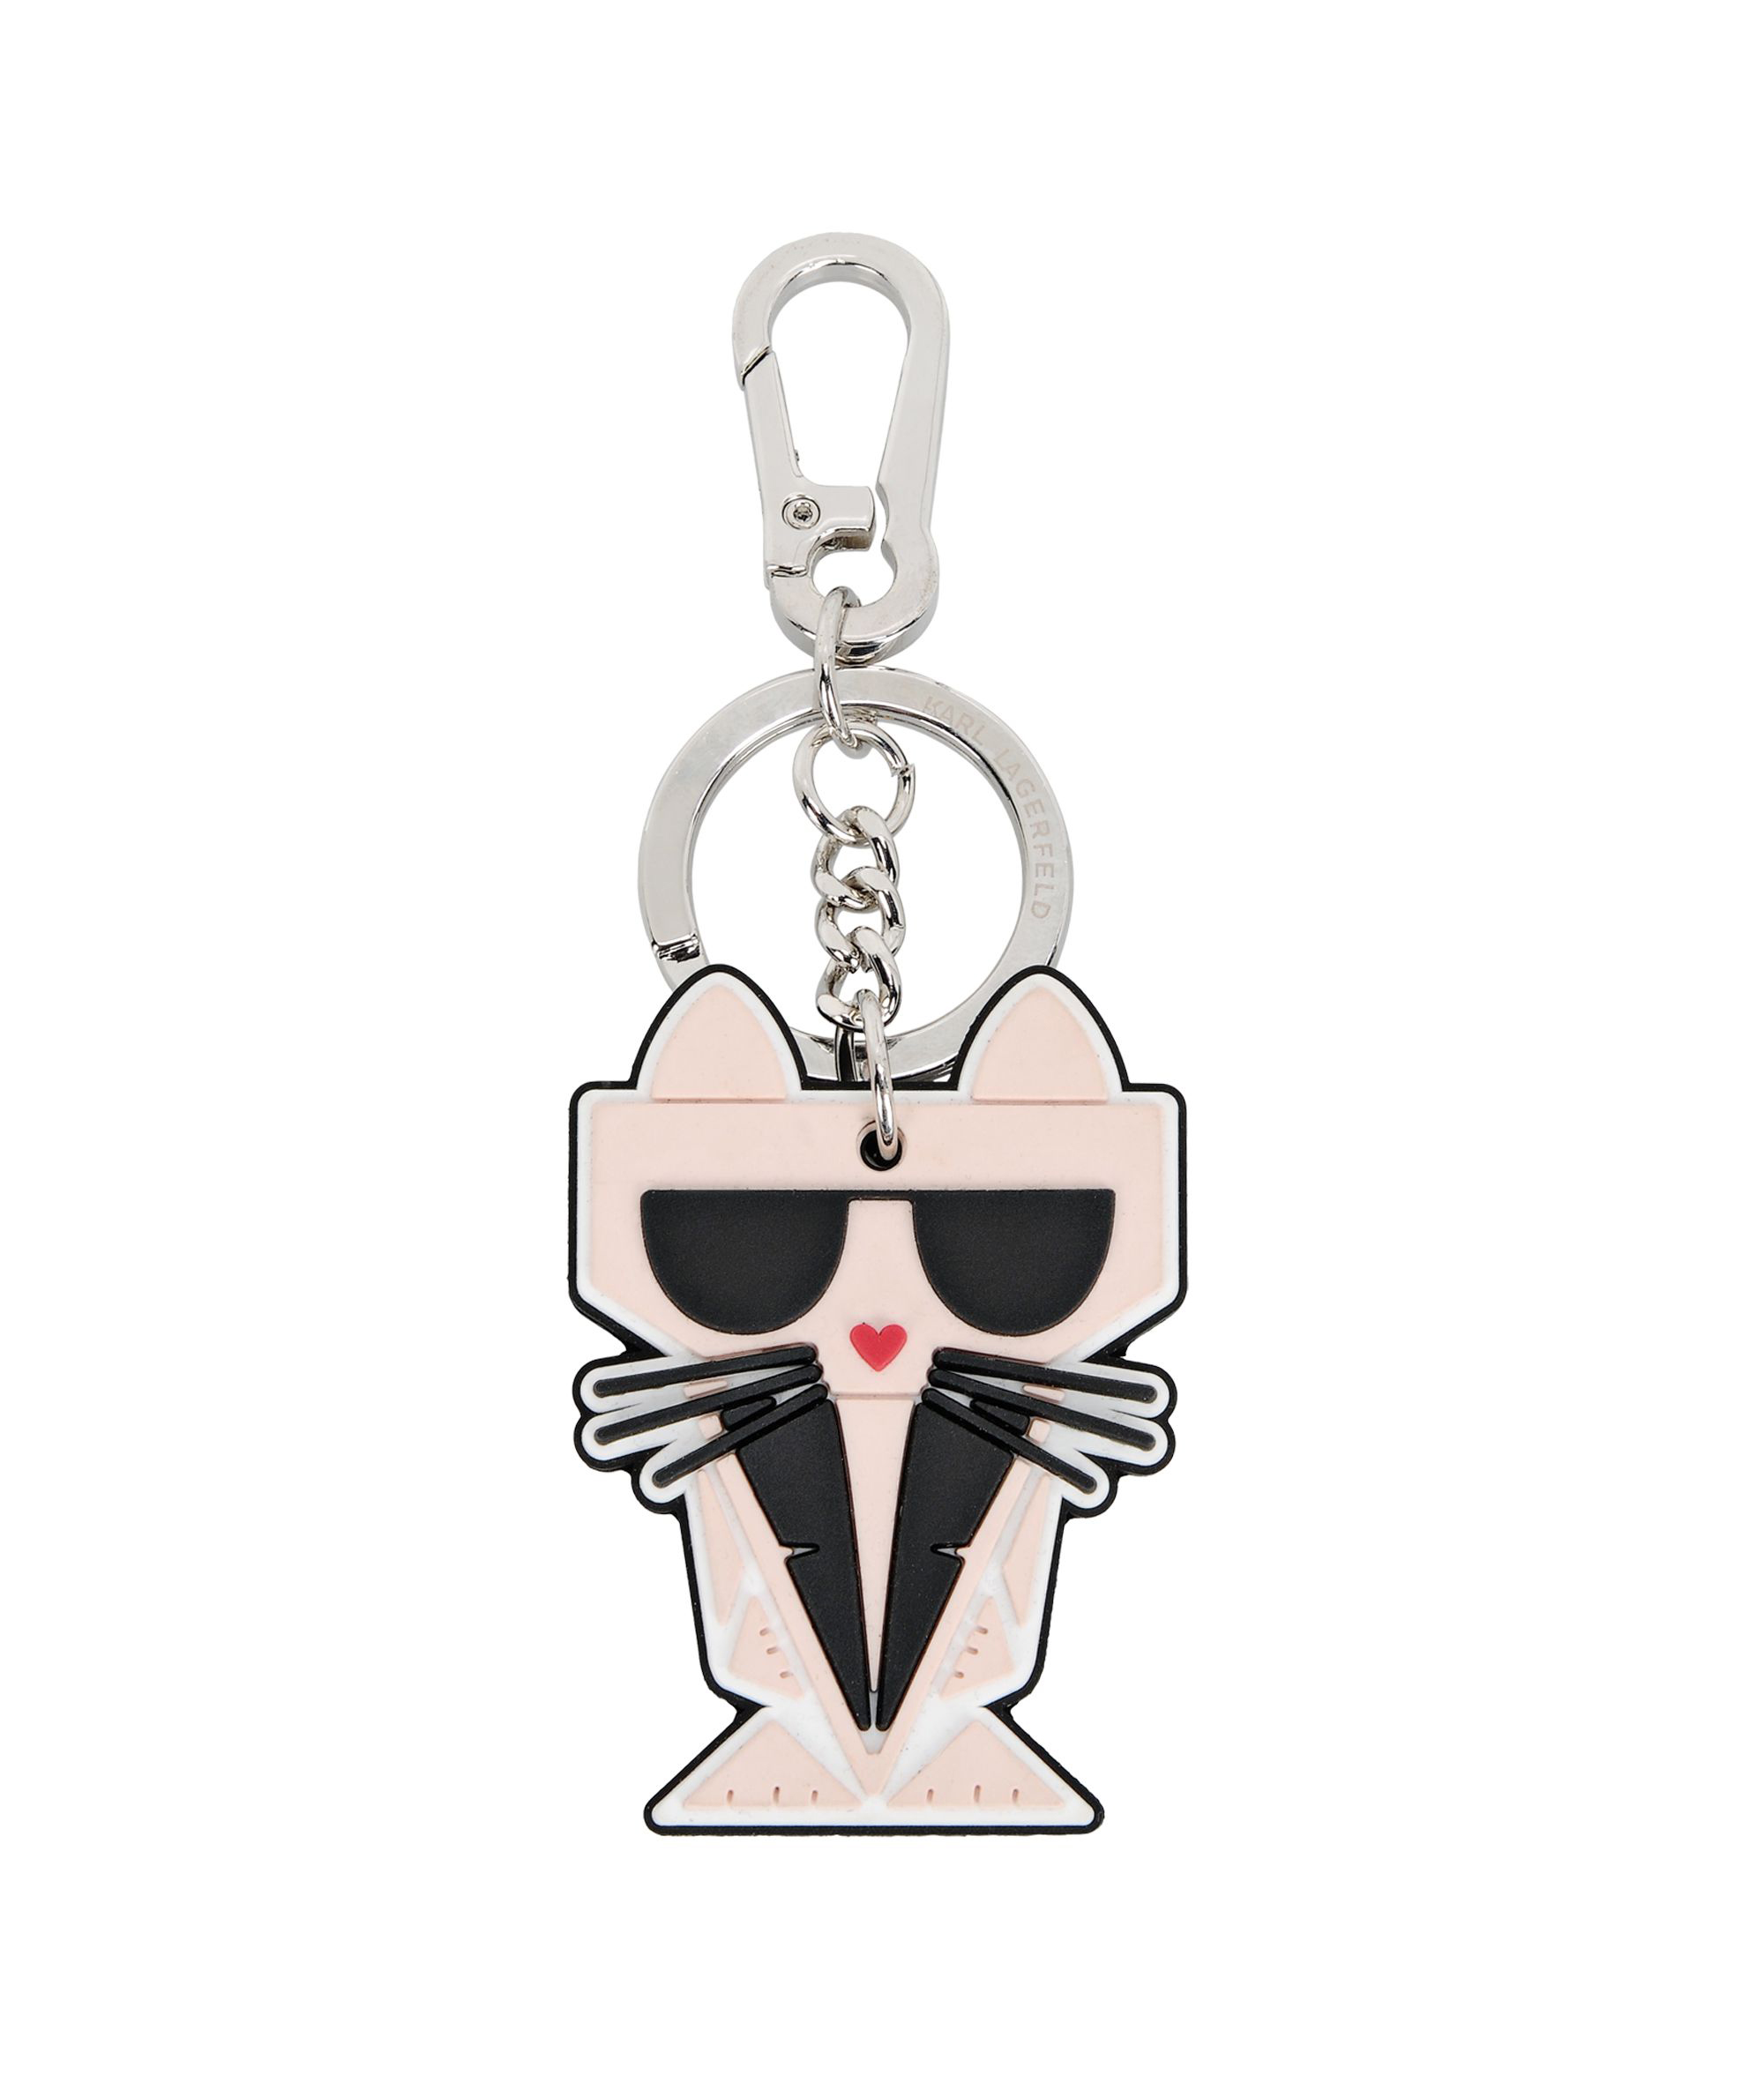 K Kocktail Choupette Keychain 66KW3802 Karl Lagerfeld accessories: Uvod u uzbudljivu XYZ modnu jesen